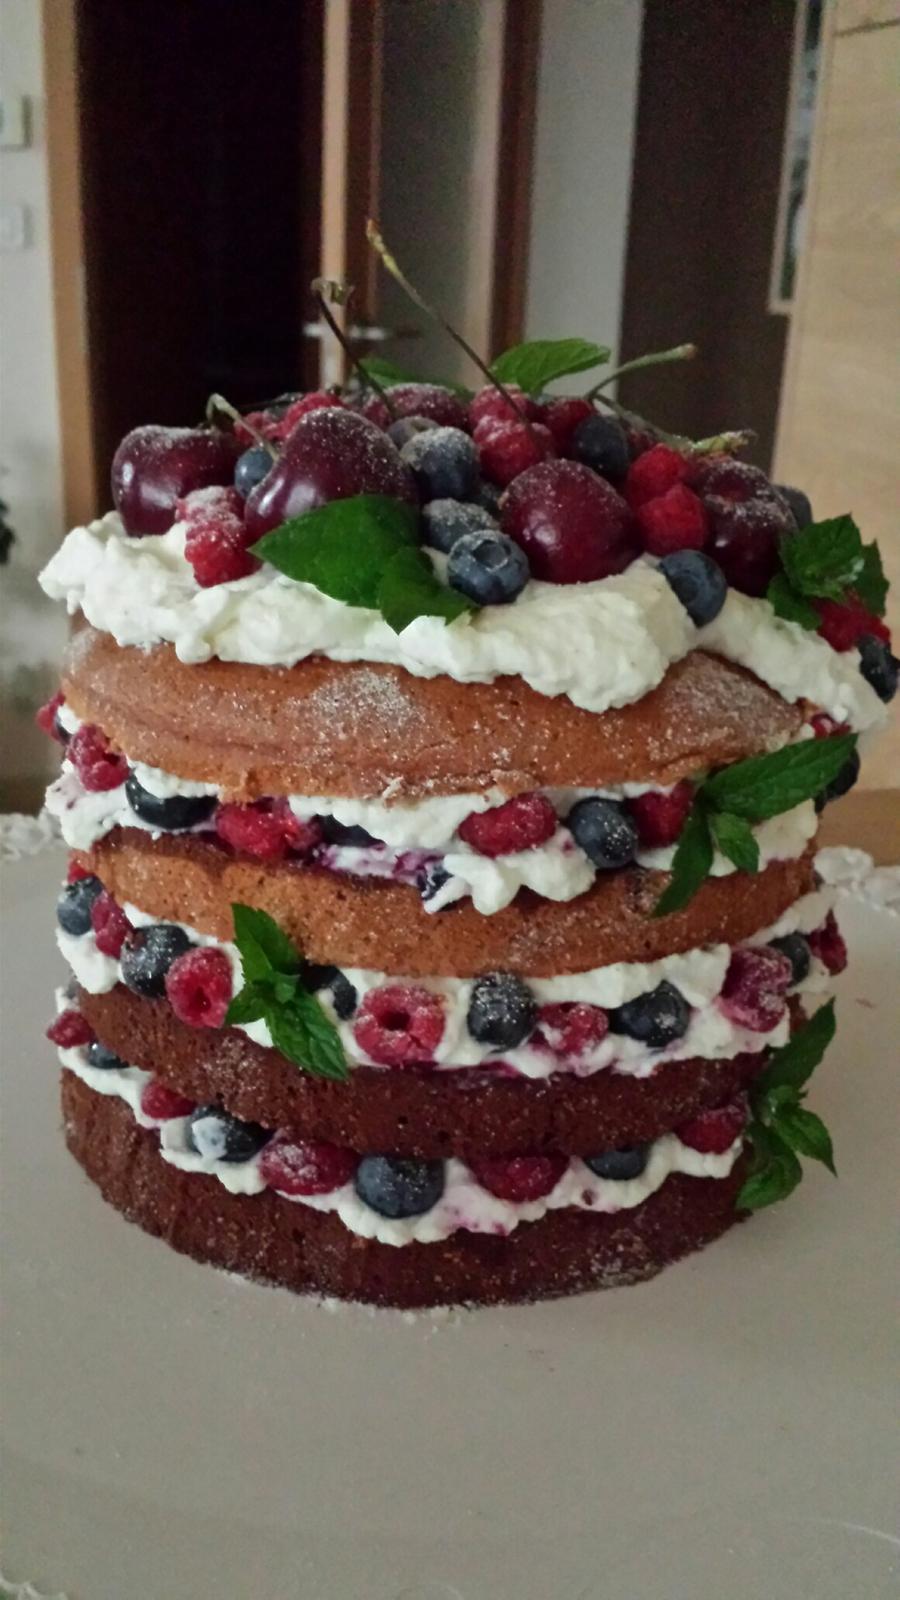 Home made dorty - Přišlo mi škoda dělat z toho čerstvého ovoce marmeládu... :-D